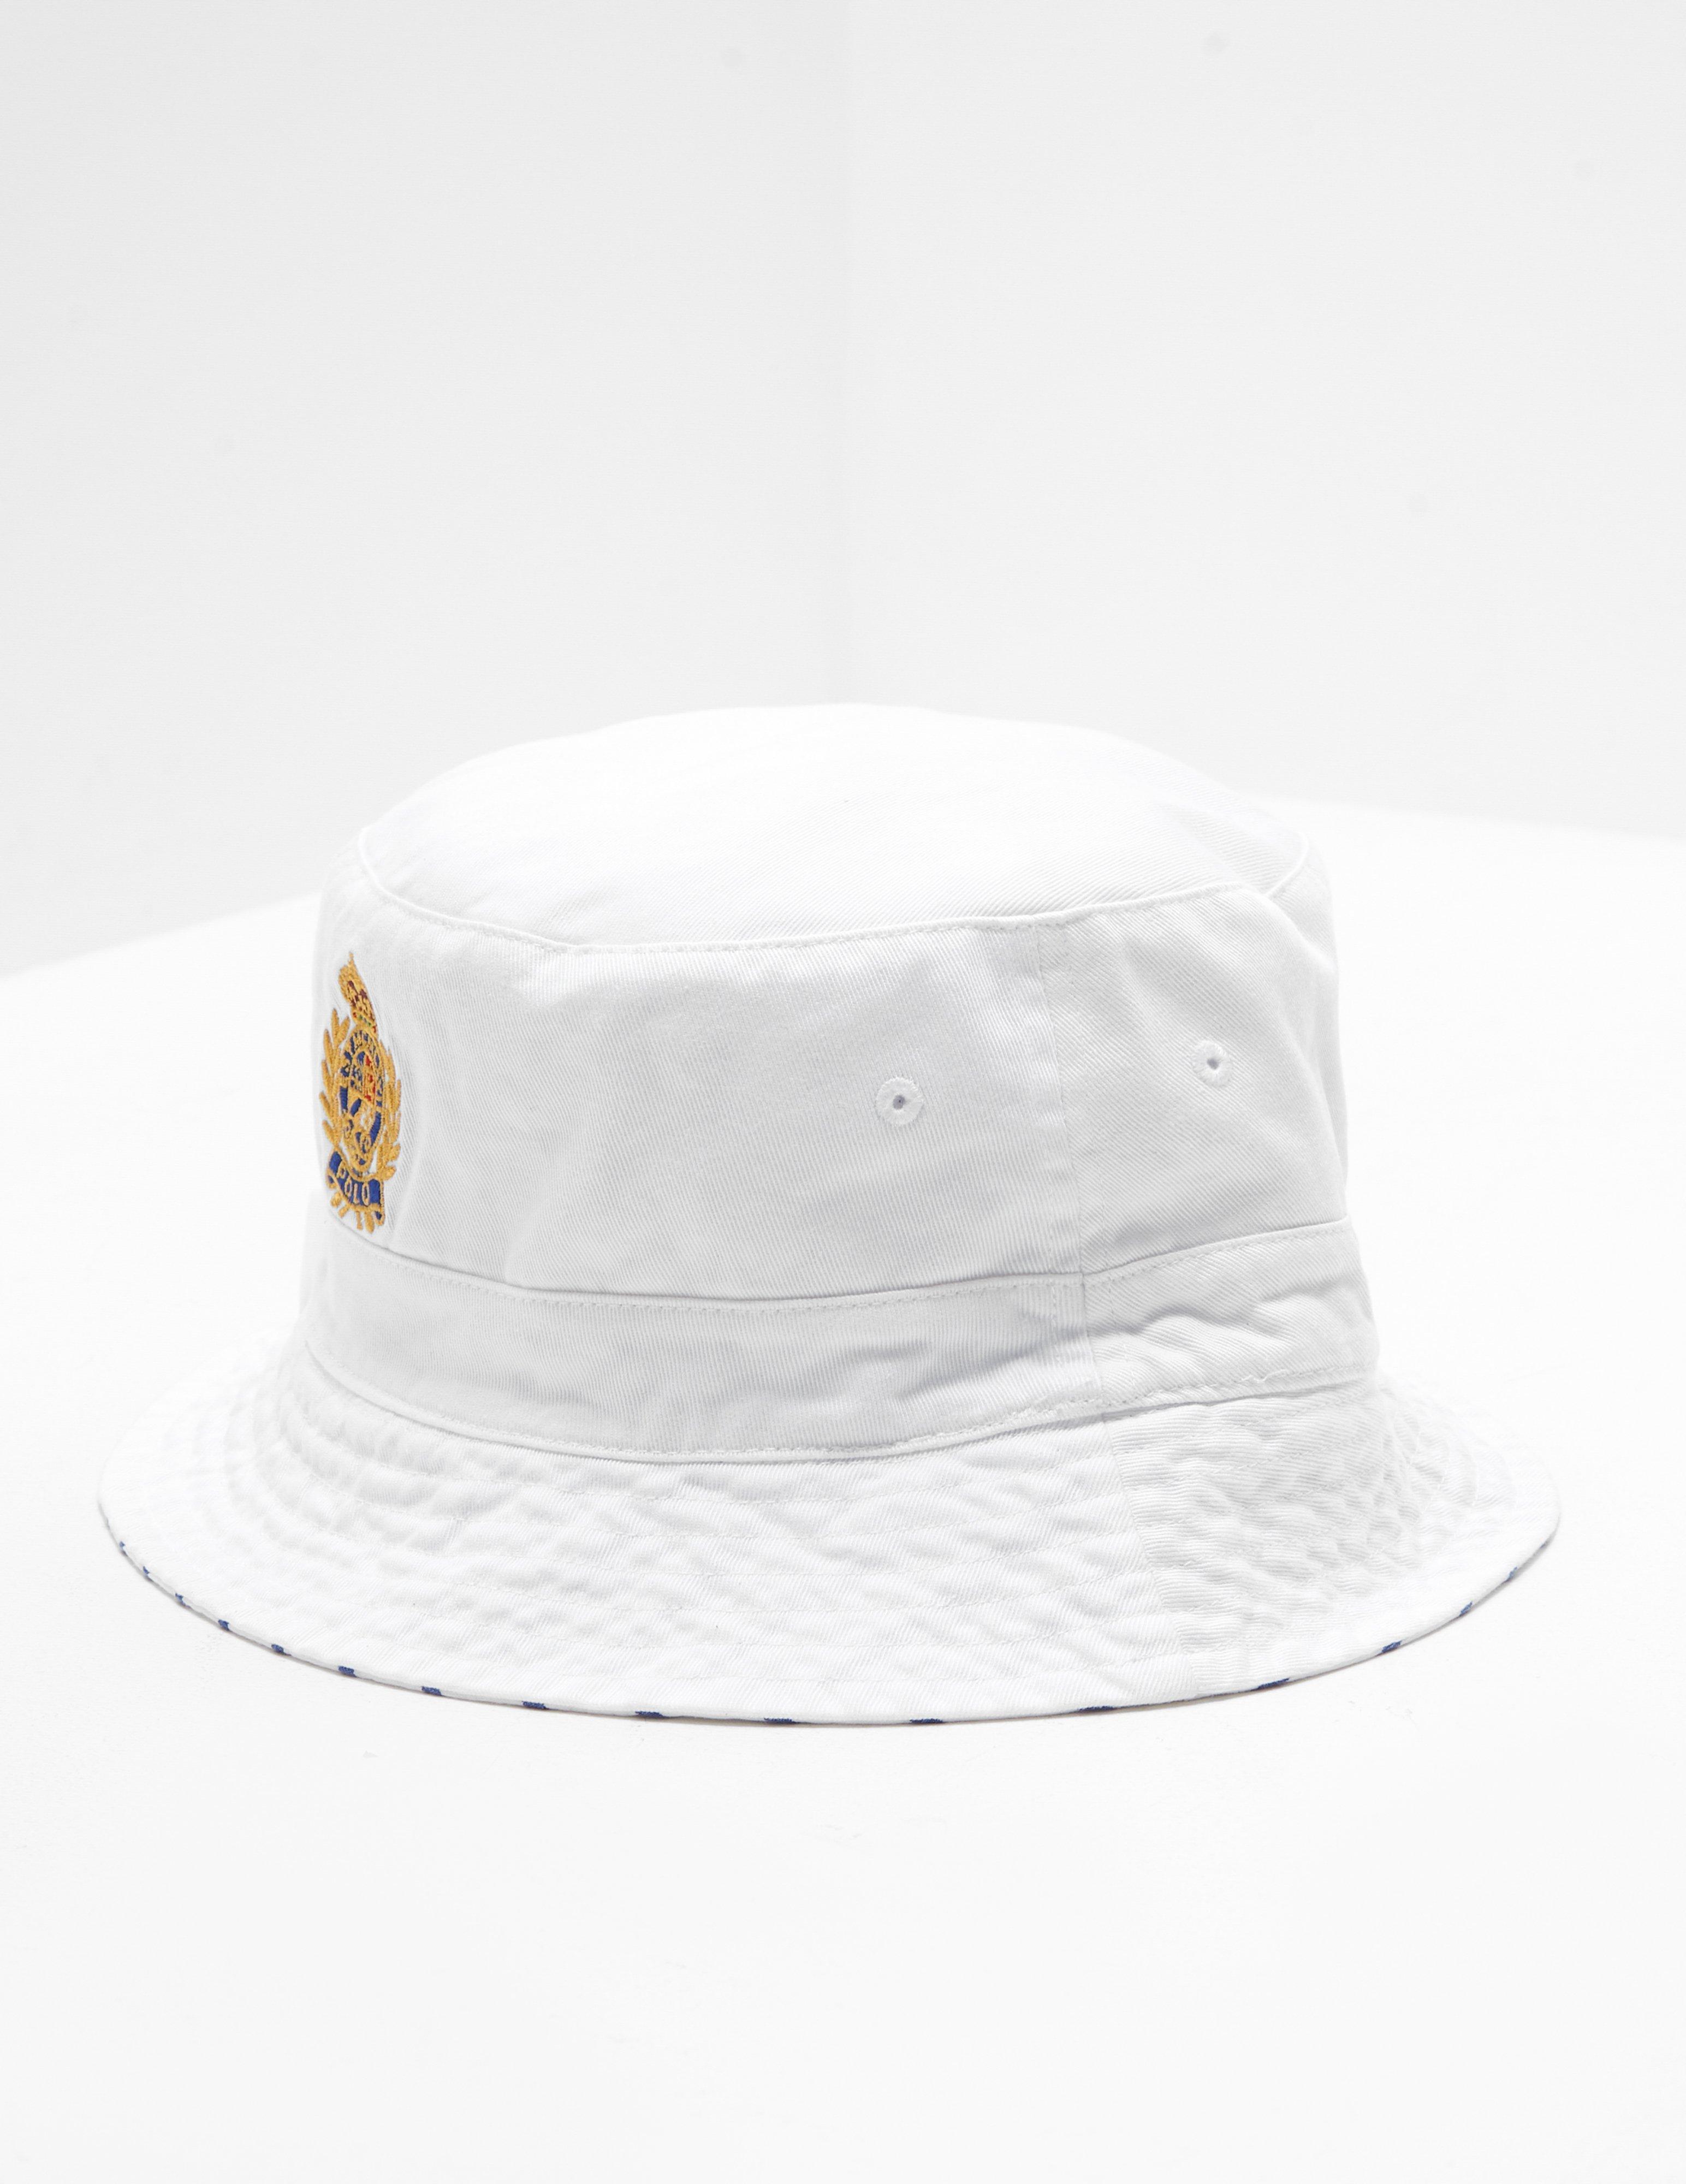 5650a79c1fda2 Polo Ralph Lauren Bear Reversible Bucket Hat White in White for Men - Lyst